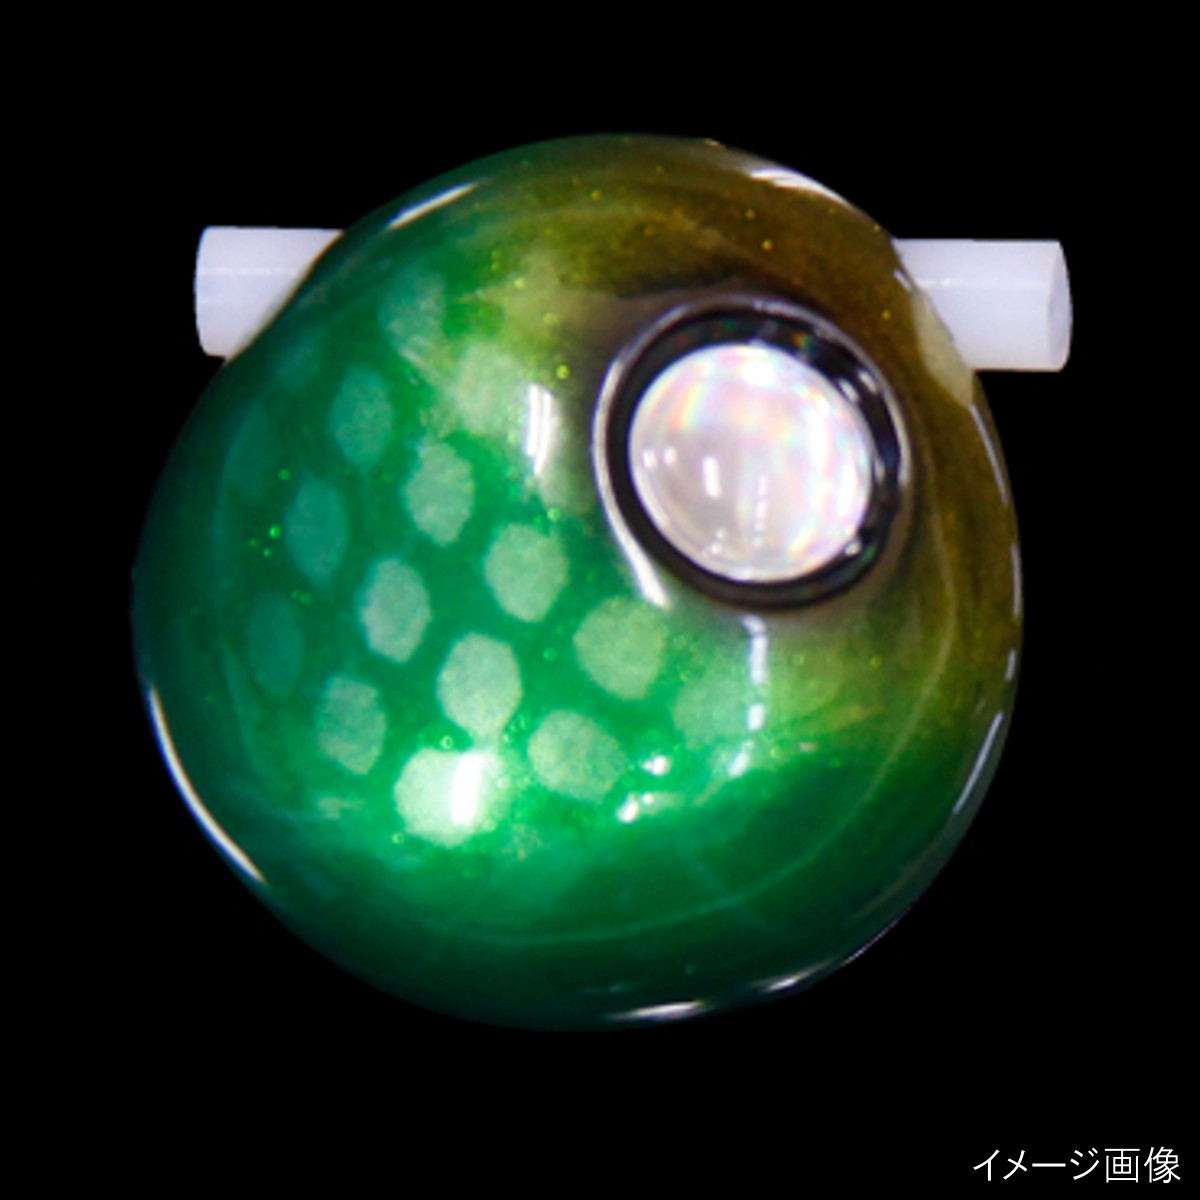 ジャッカル ビンビン玉スライド156g(TGヘッド) メタルグリーン